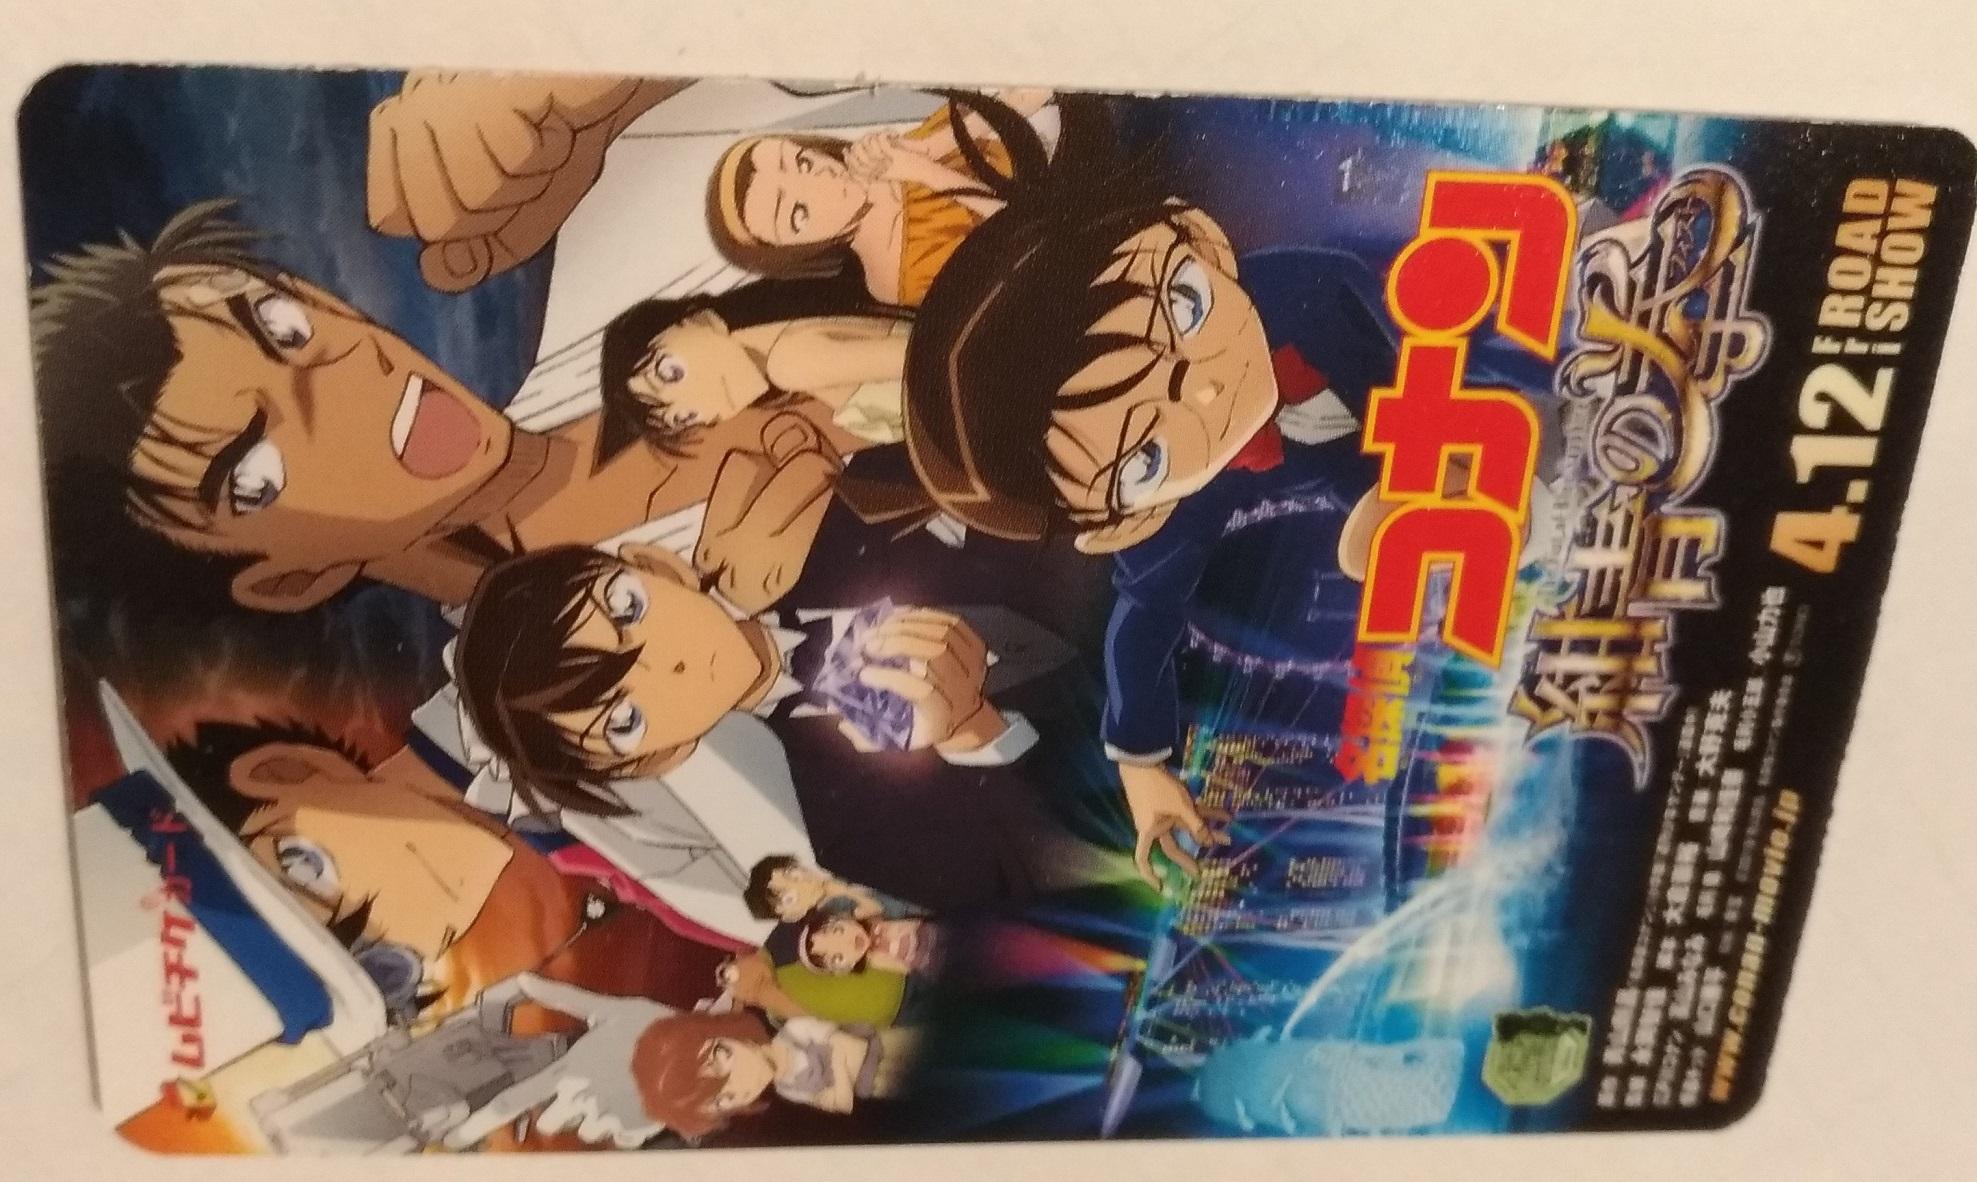 conan_anime_doga_tver.jpg